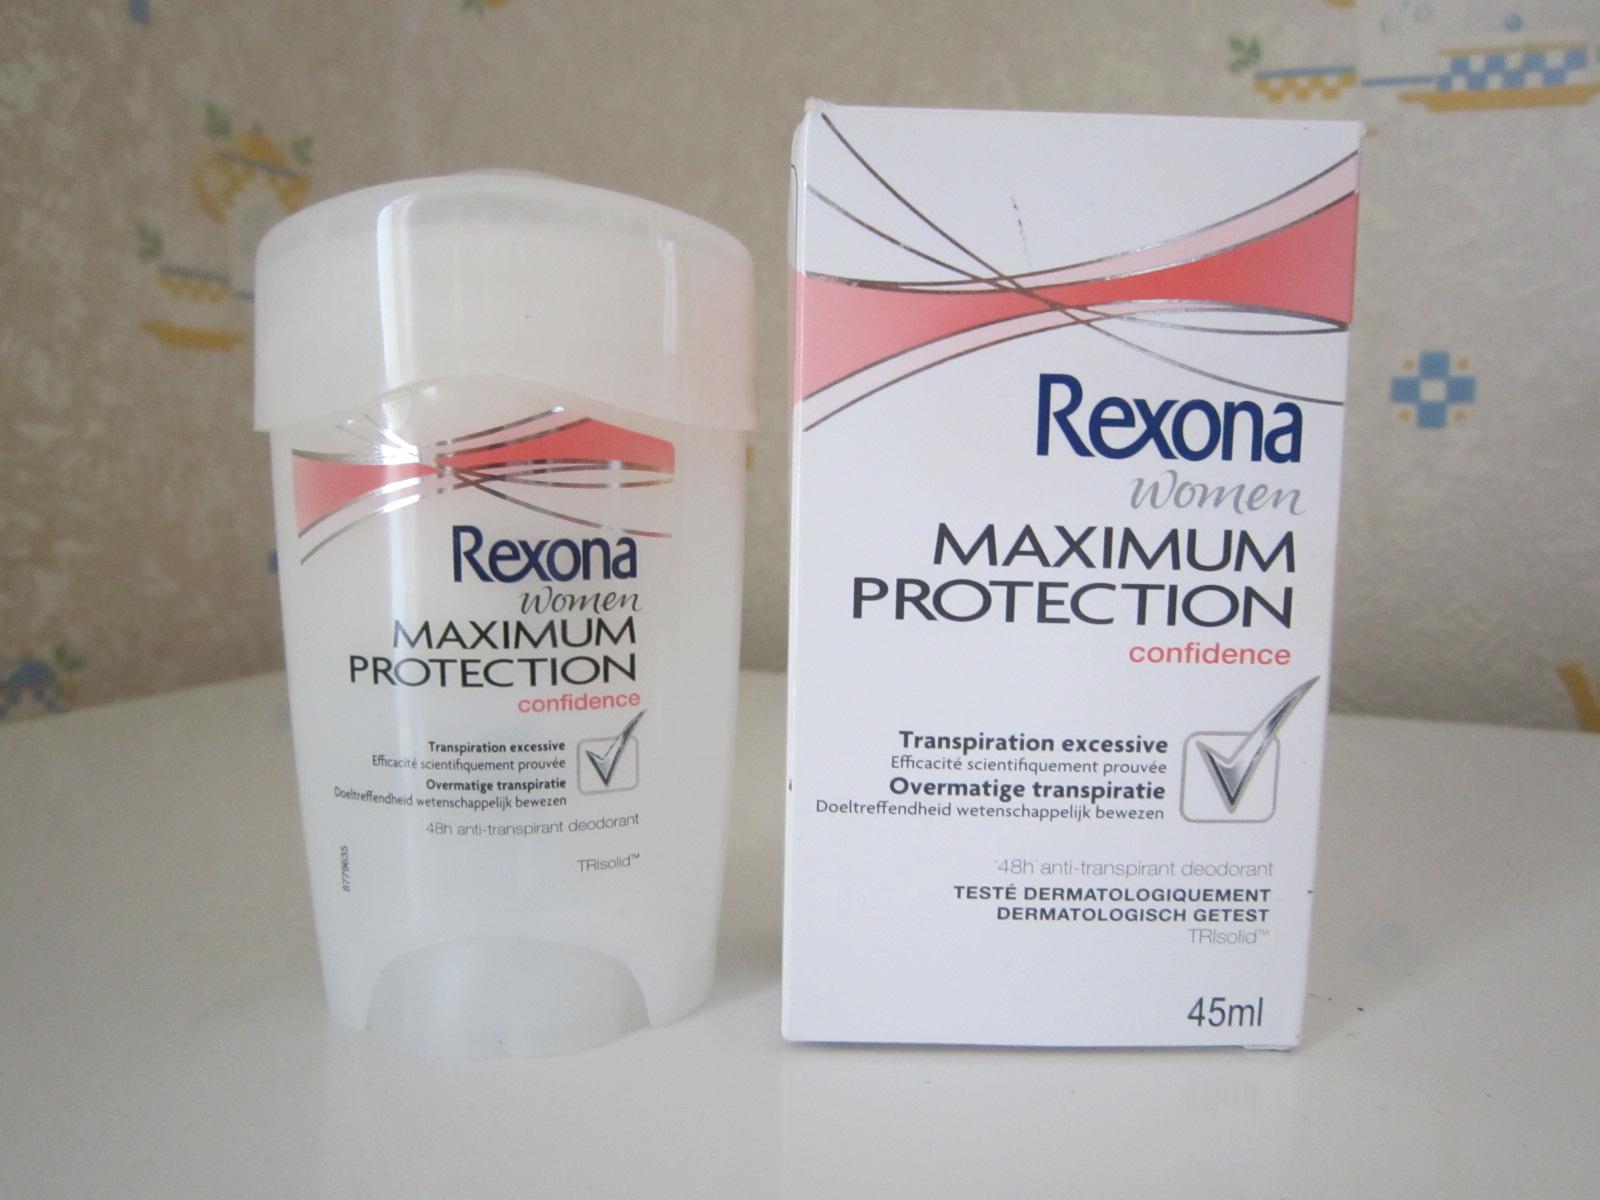 deodorant pour transpiration excessive